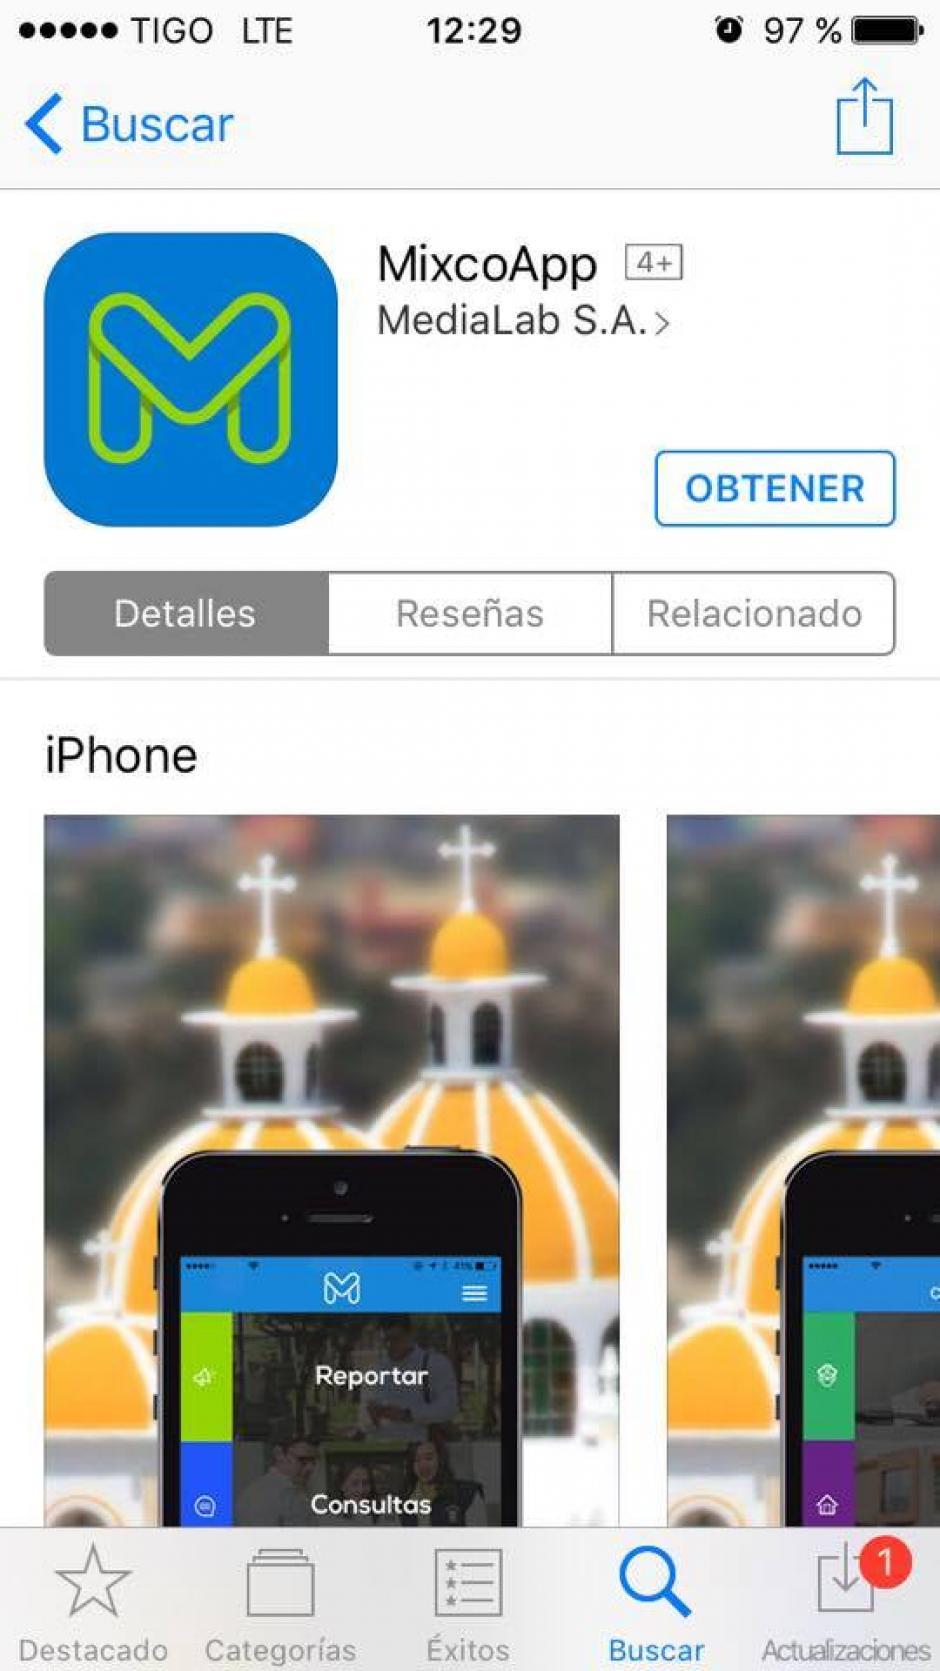 La app está disponible para iOS y Android. (Imagen: captura de pantalla)